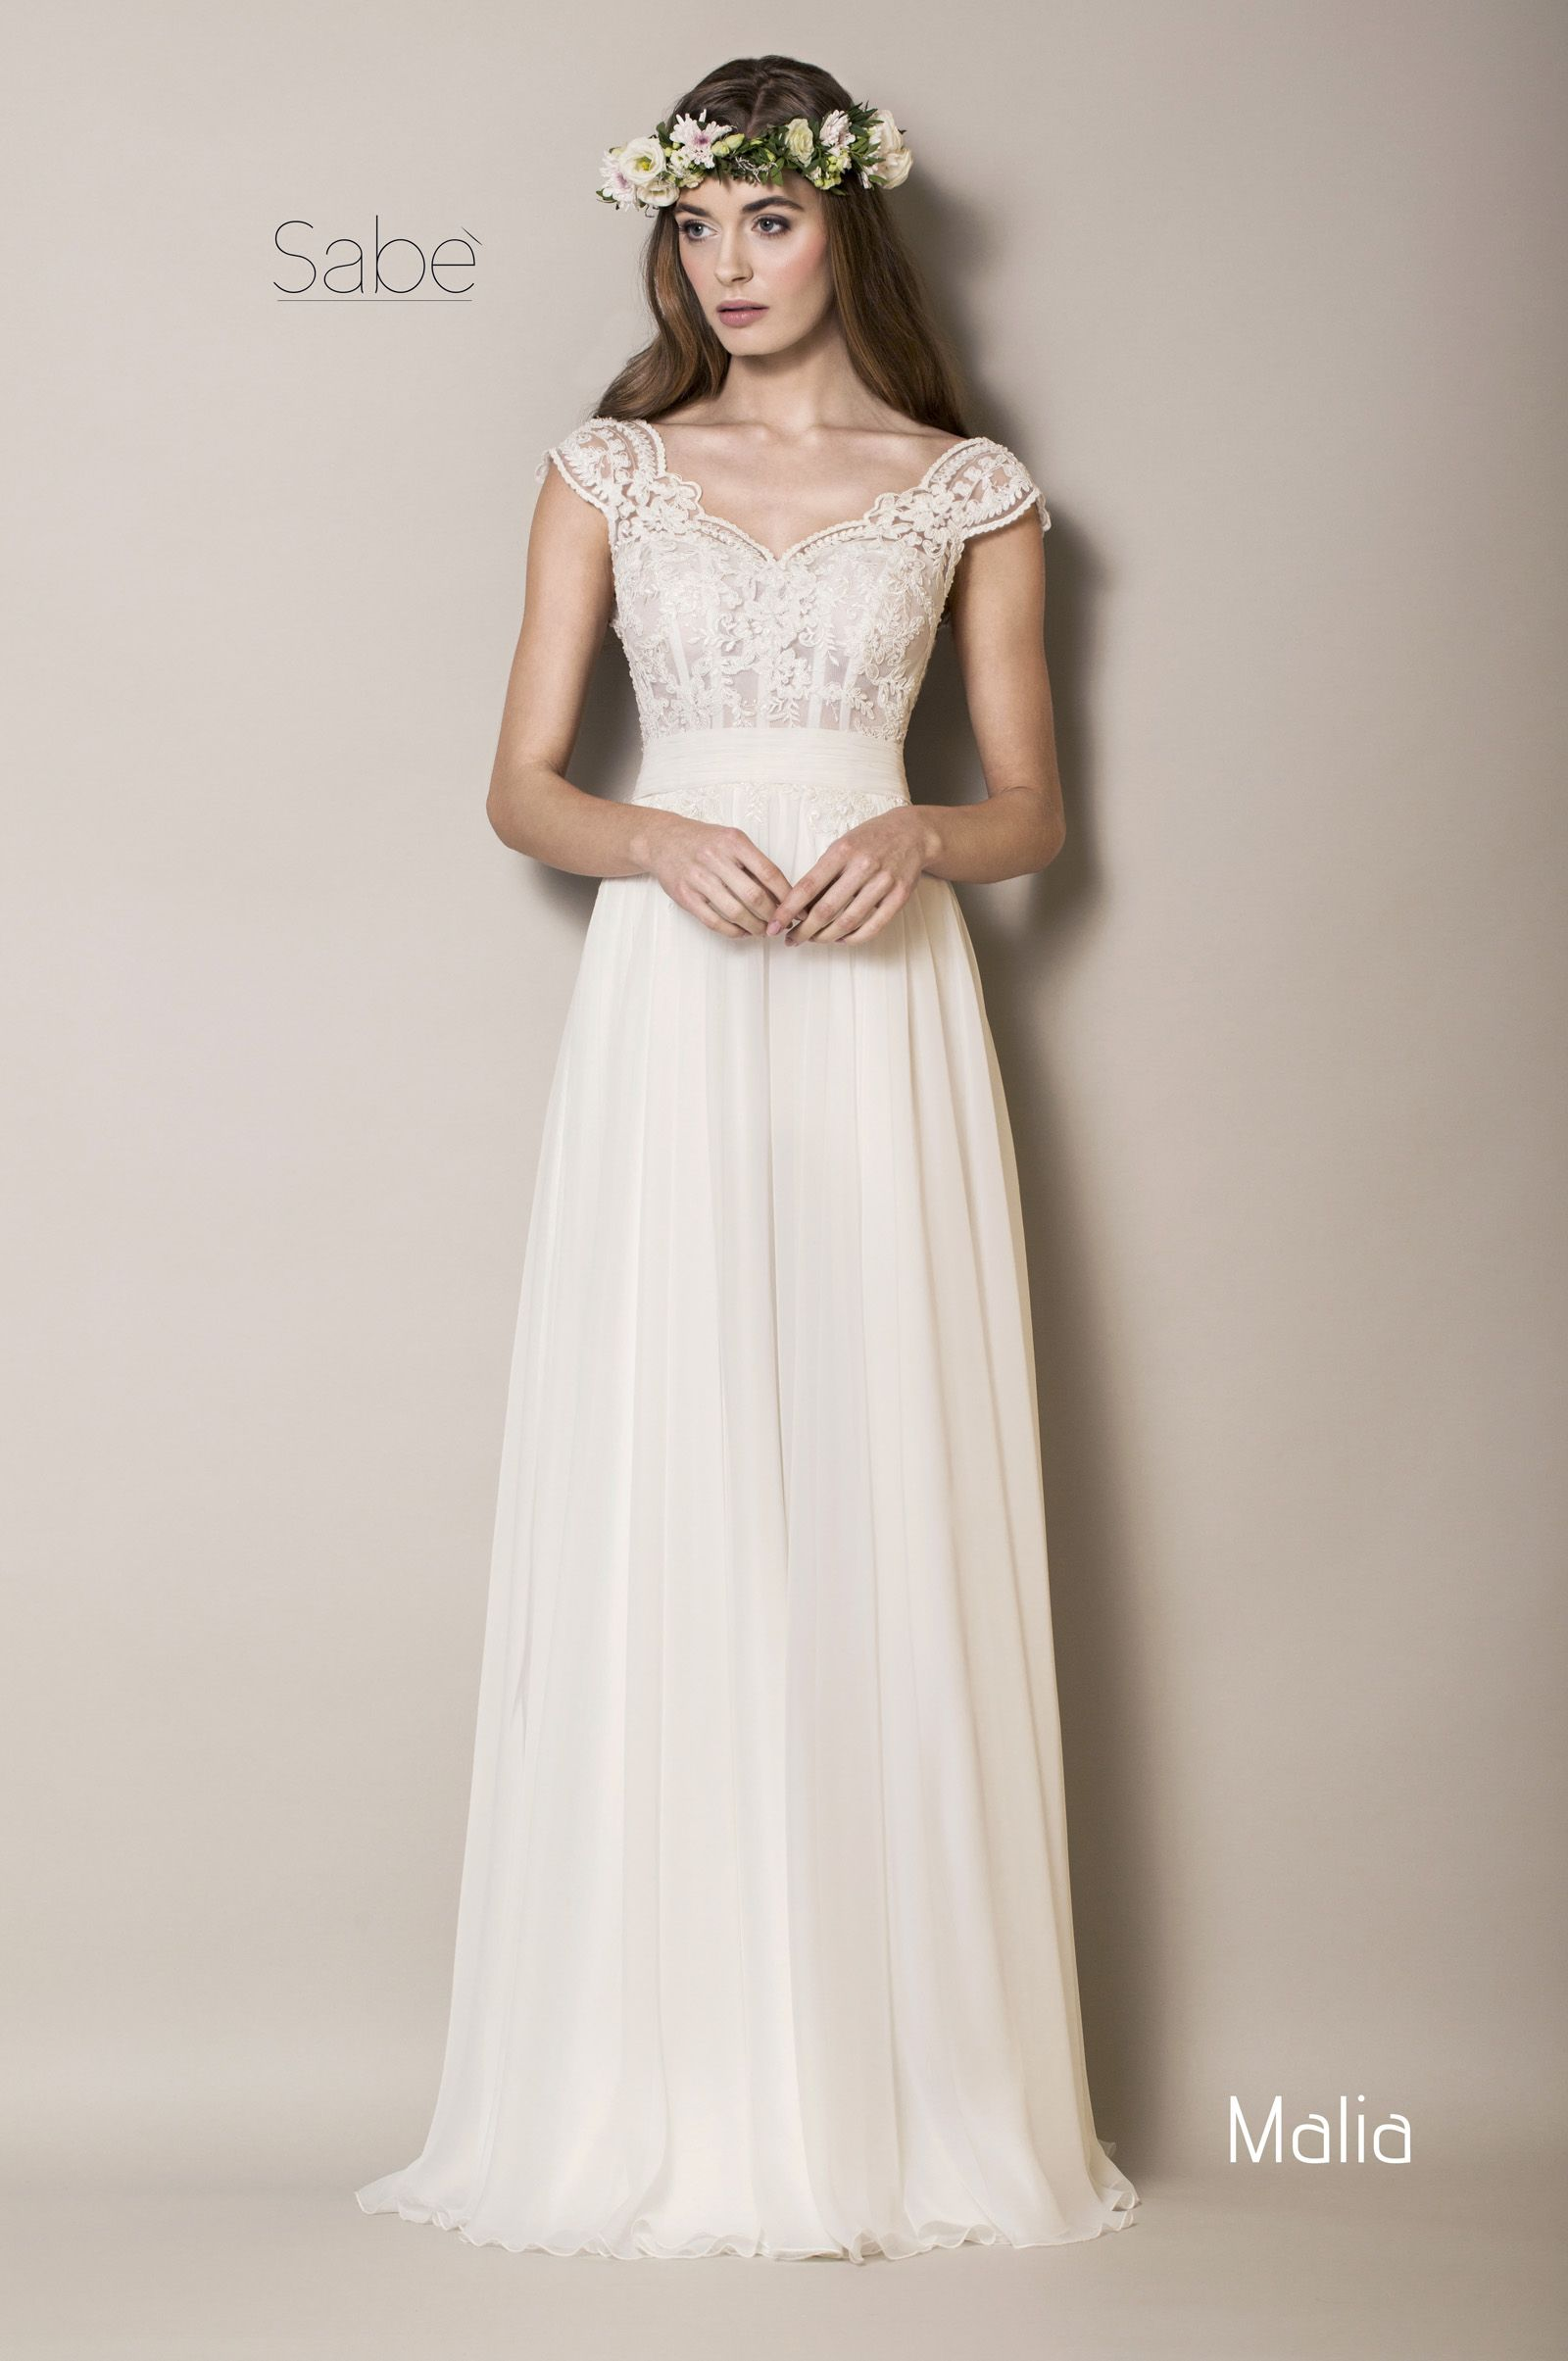 Lisa Robertson In Wedding Dress - Harmony suknie lubne sabe salon lubny krak w gracja